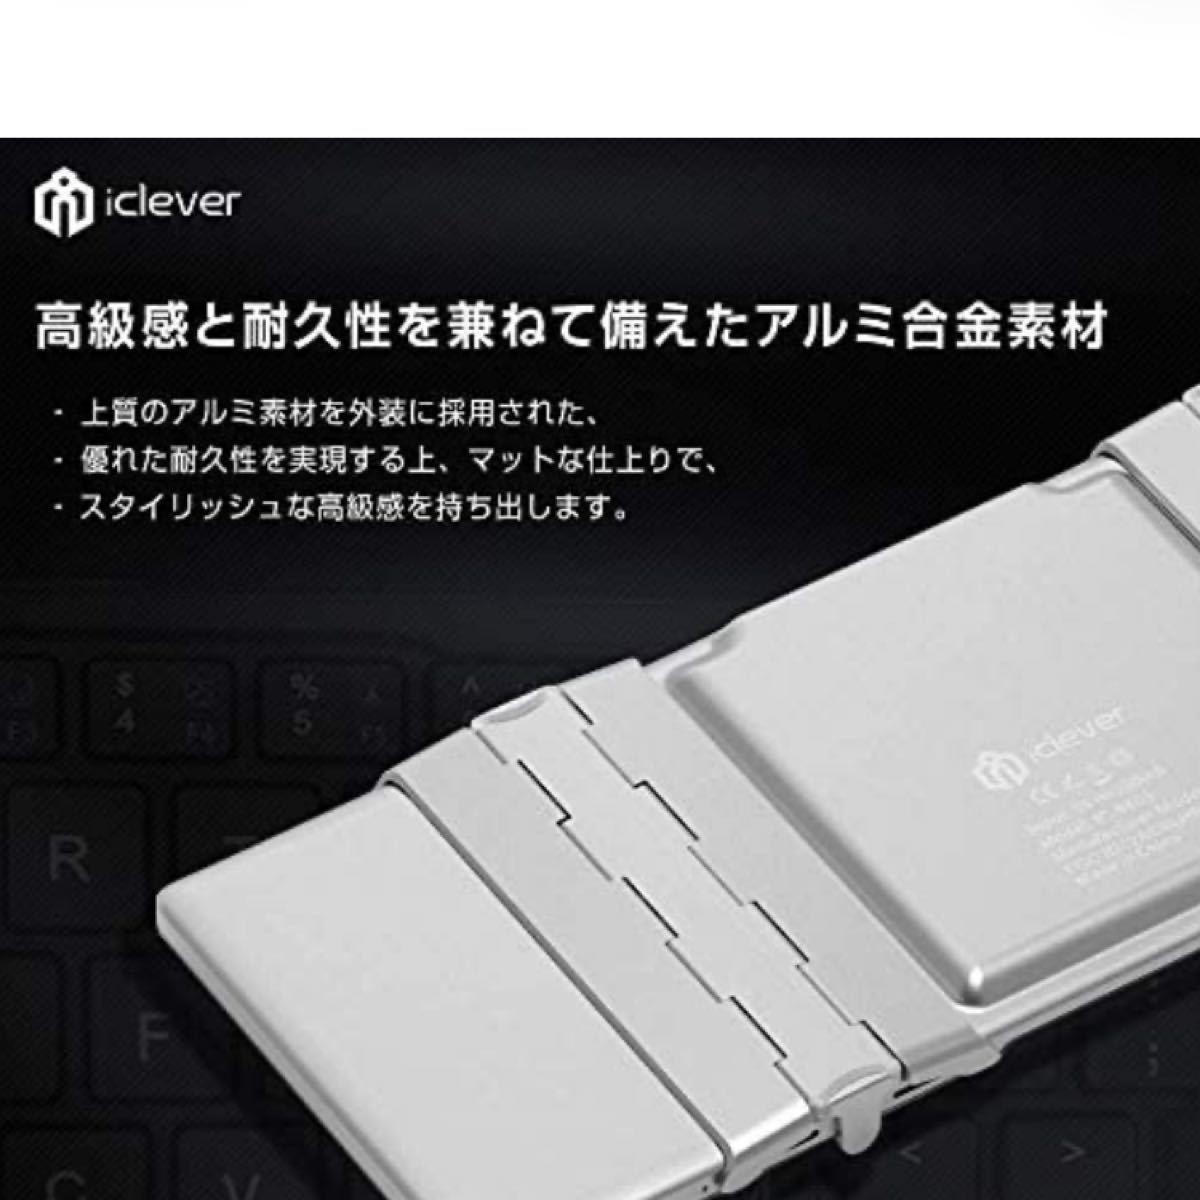 ワイヤレスキーボード Bluetooth 折りたたみ式 薄型 iPad iPhone